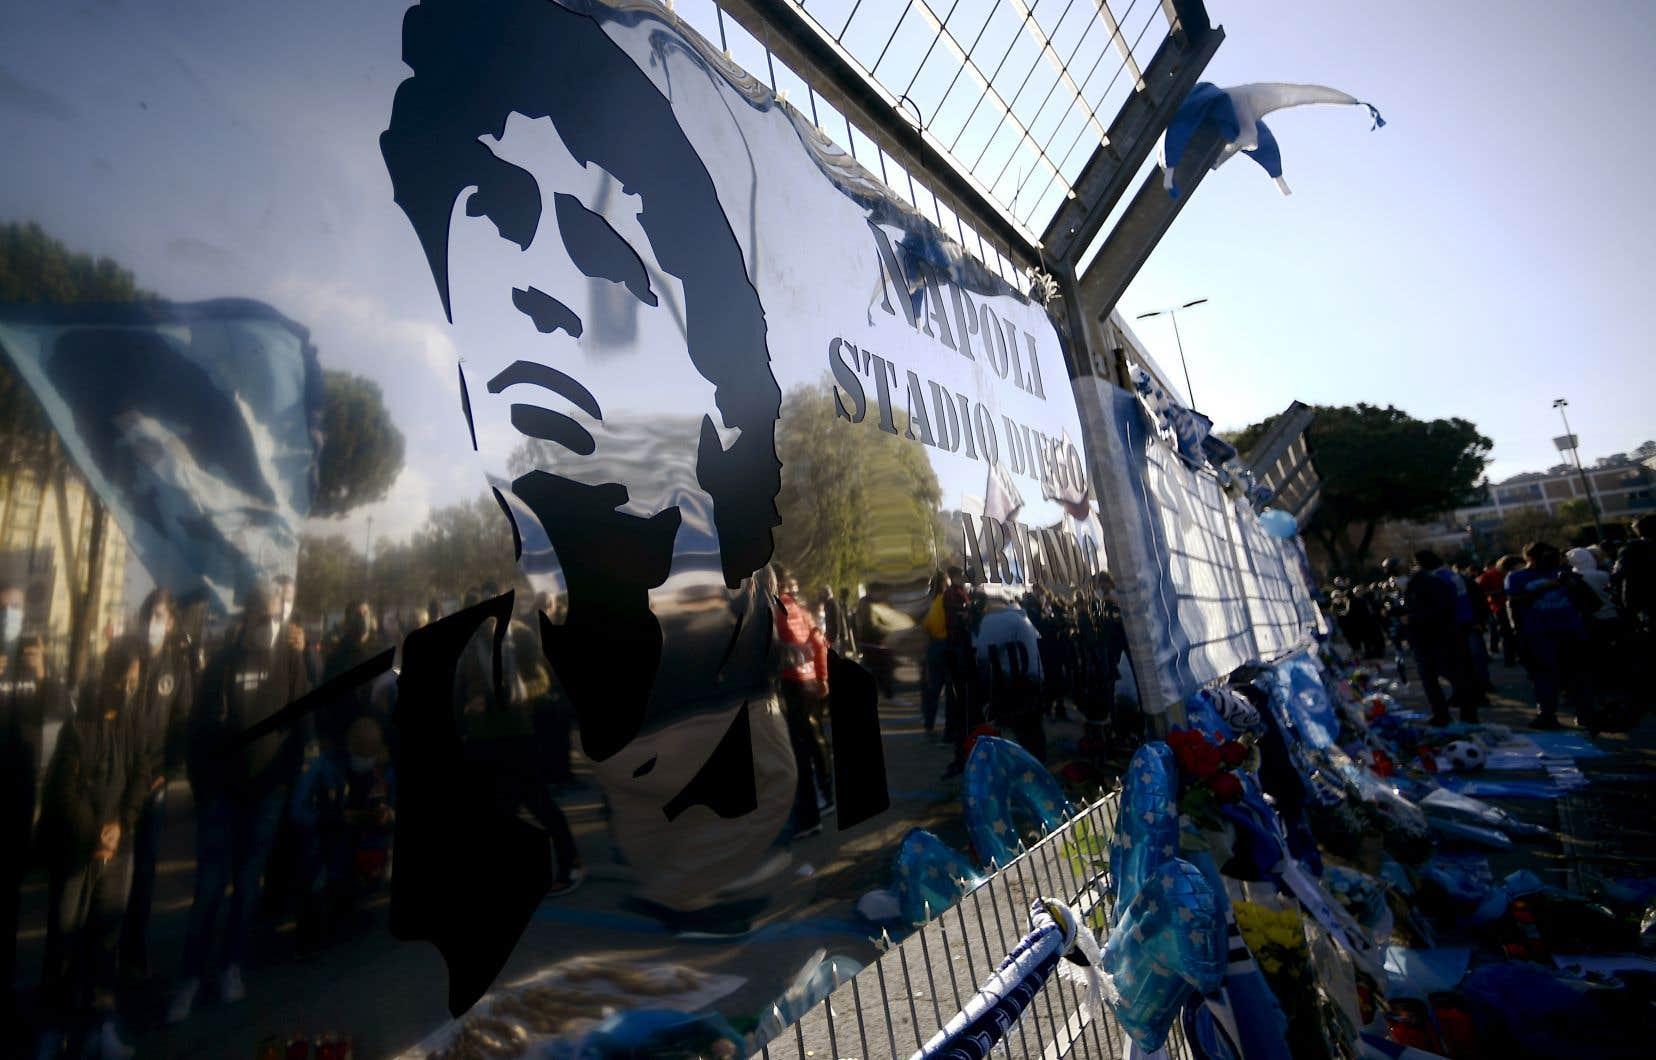 <p>Le maire de la ville avait proposé de changer le nom du stadequelques heures seulement après l'annonce de la disparition de Maradona, devenu une véritable idole de la ville du sud de l'Italie après un passage marqué par ses deux seuls titres de champion d'Italie.</p>